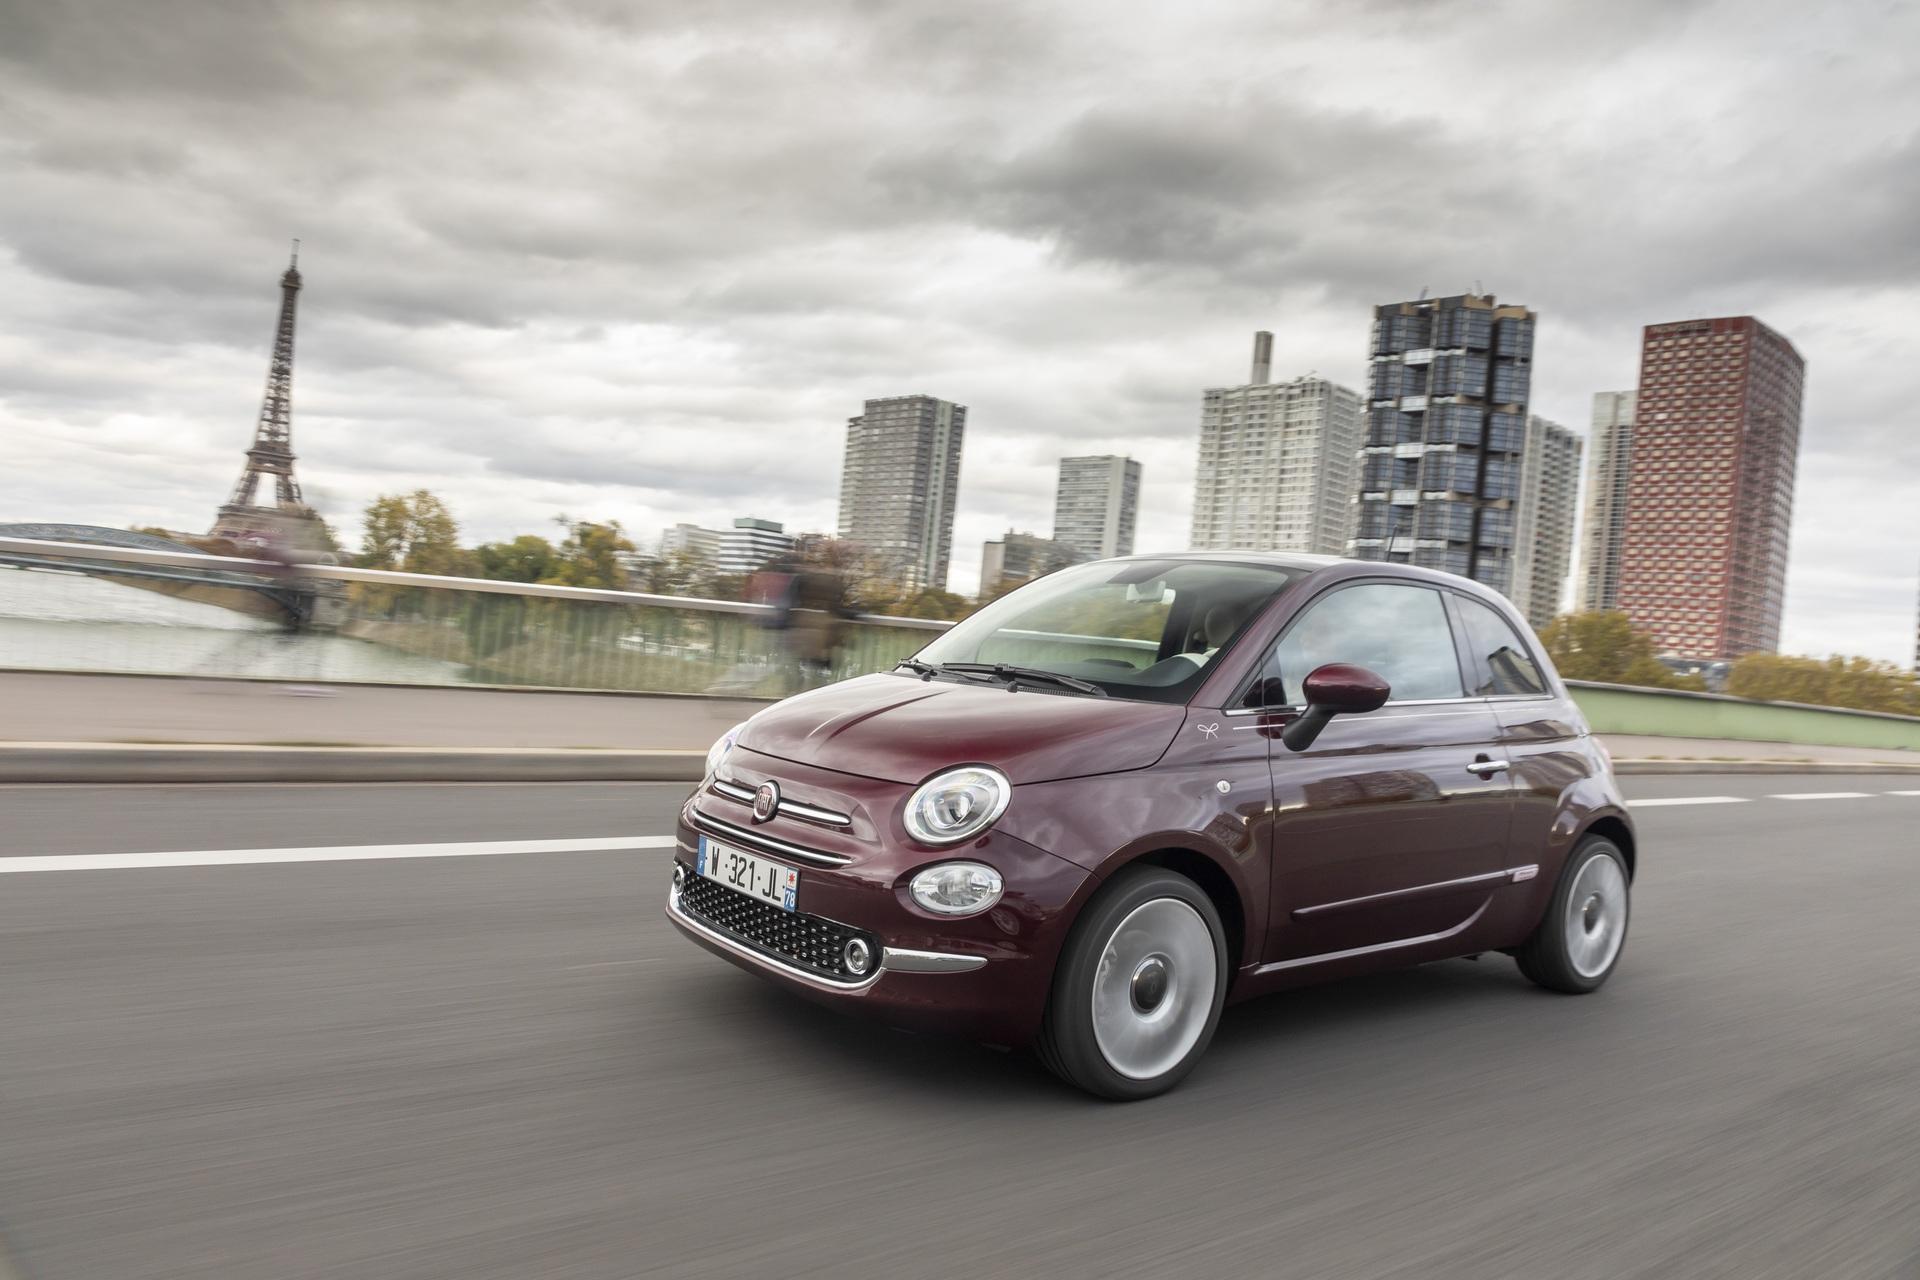 Fiat_500_Repetto_0020